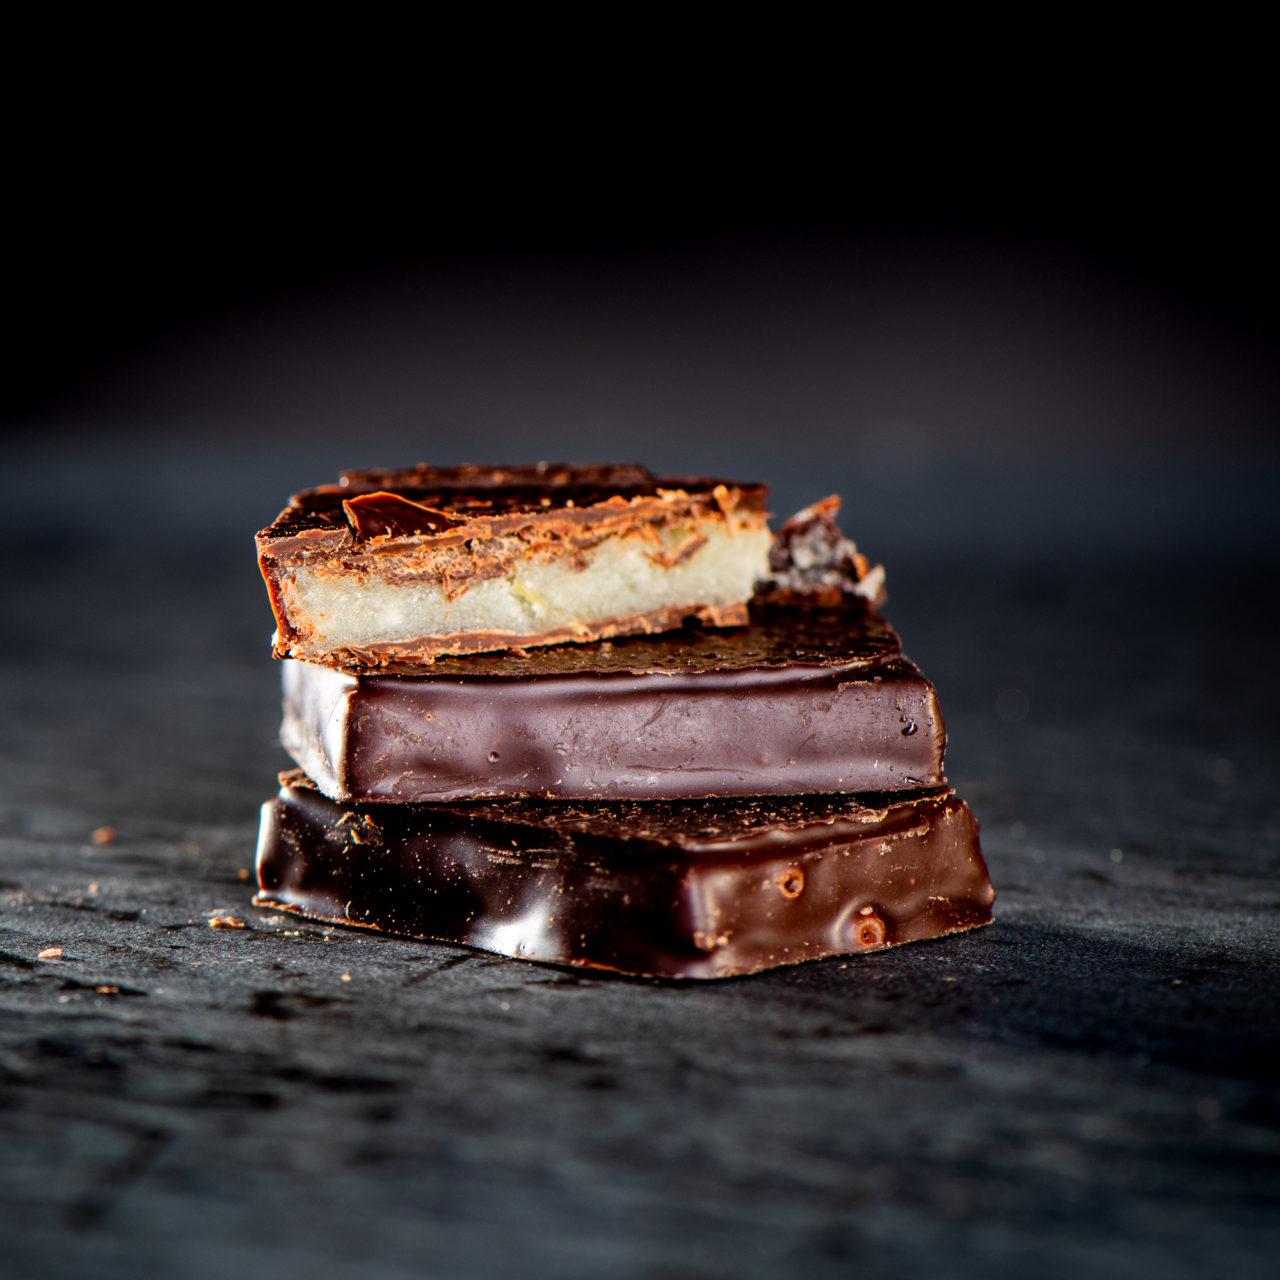 chocolat au lait praliné aux cacahuètes - chocolat au lait praliné croustillant à l'ancienne amande